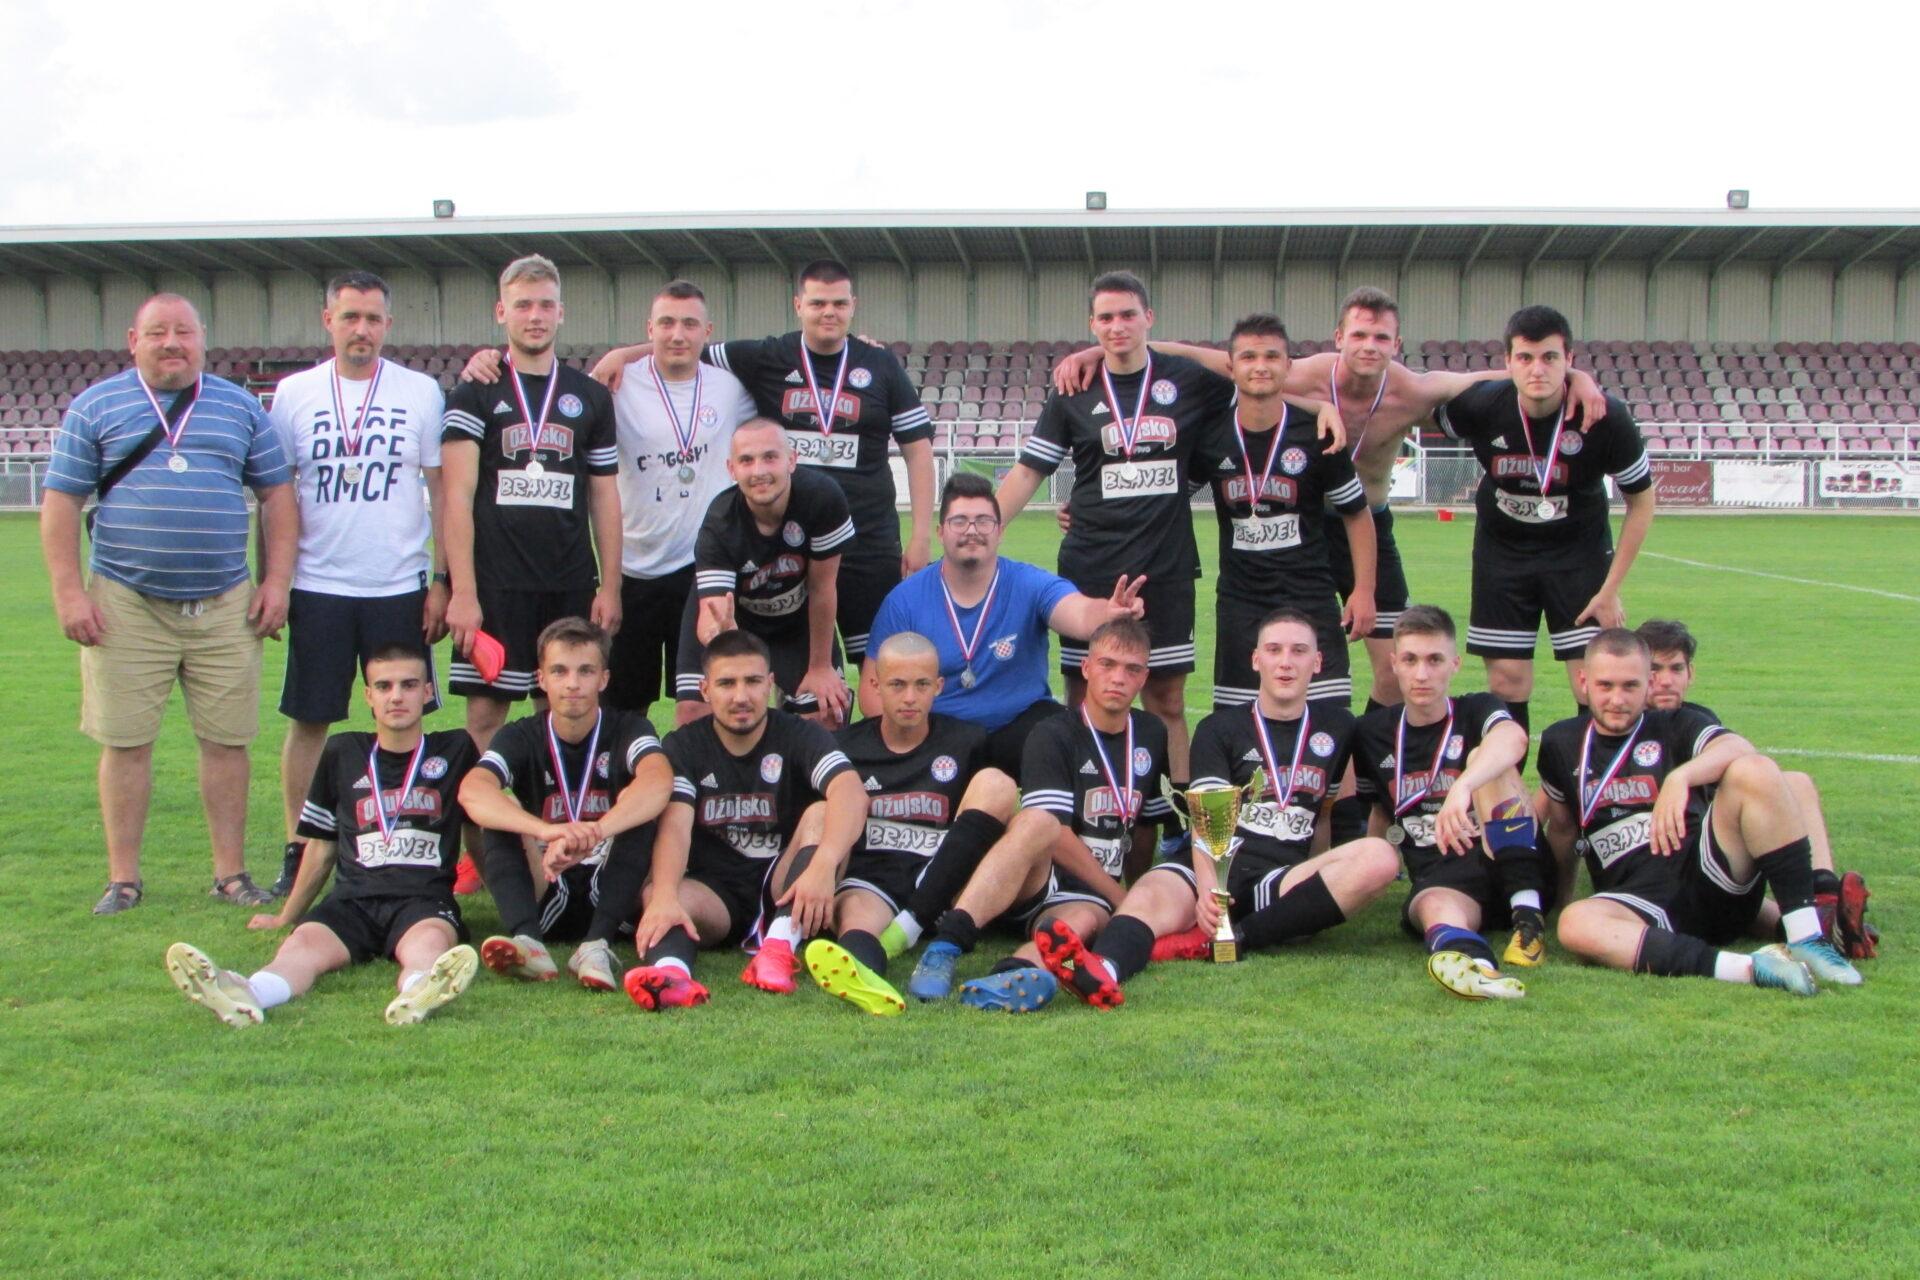 Finale Kupa Nogometnog središta Vrbovec